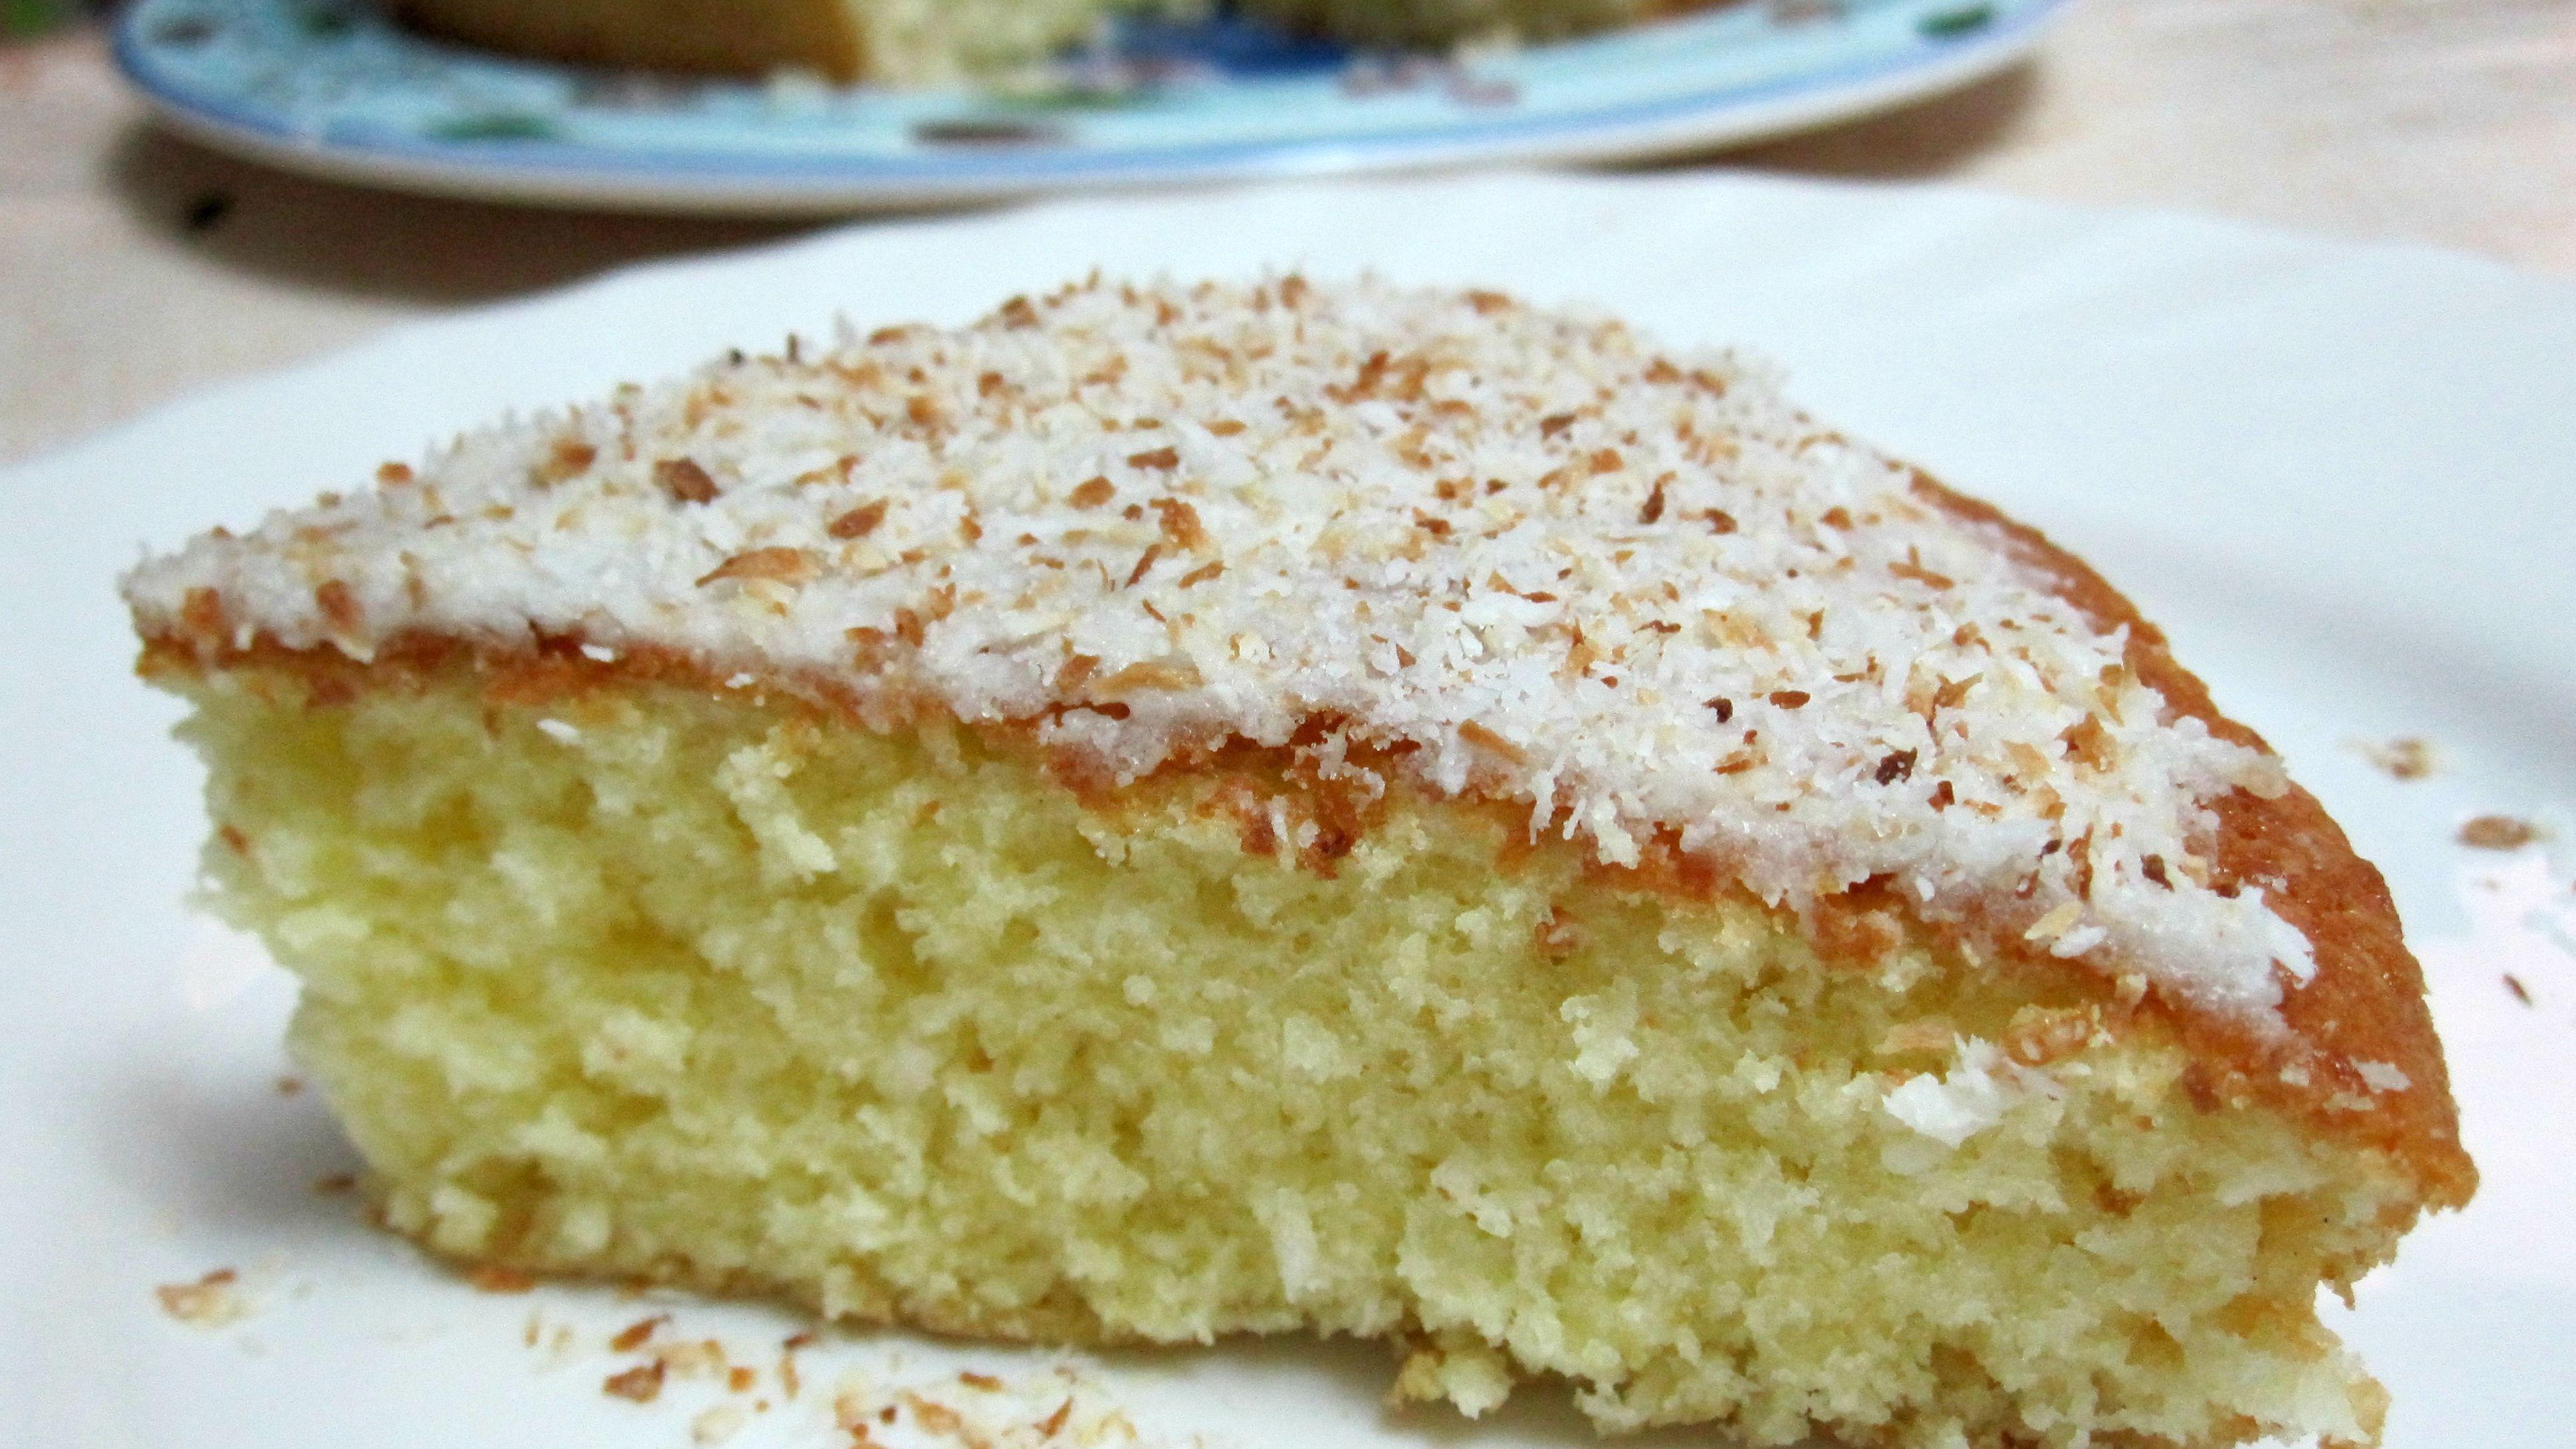 Easy Homemade Coconut Lemon Cake